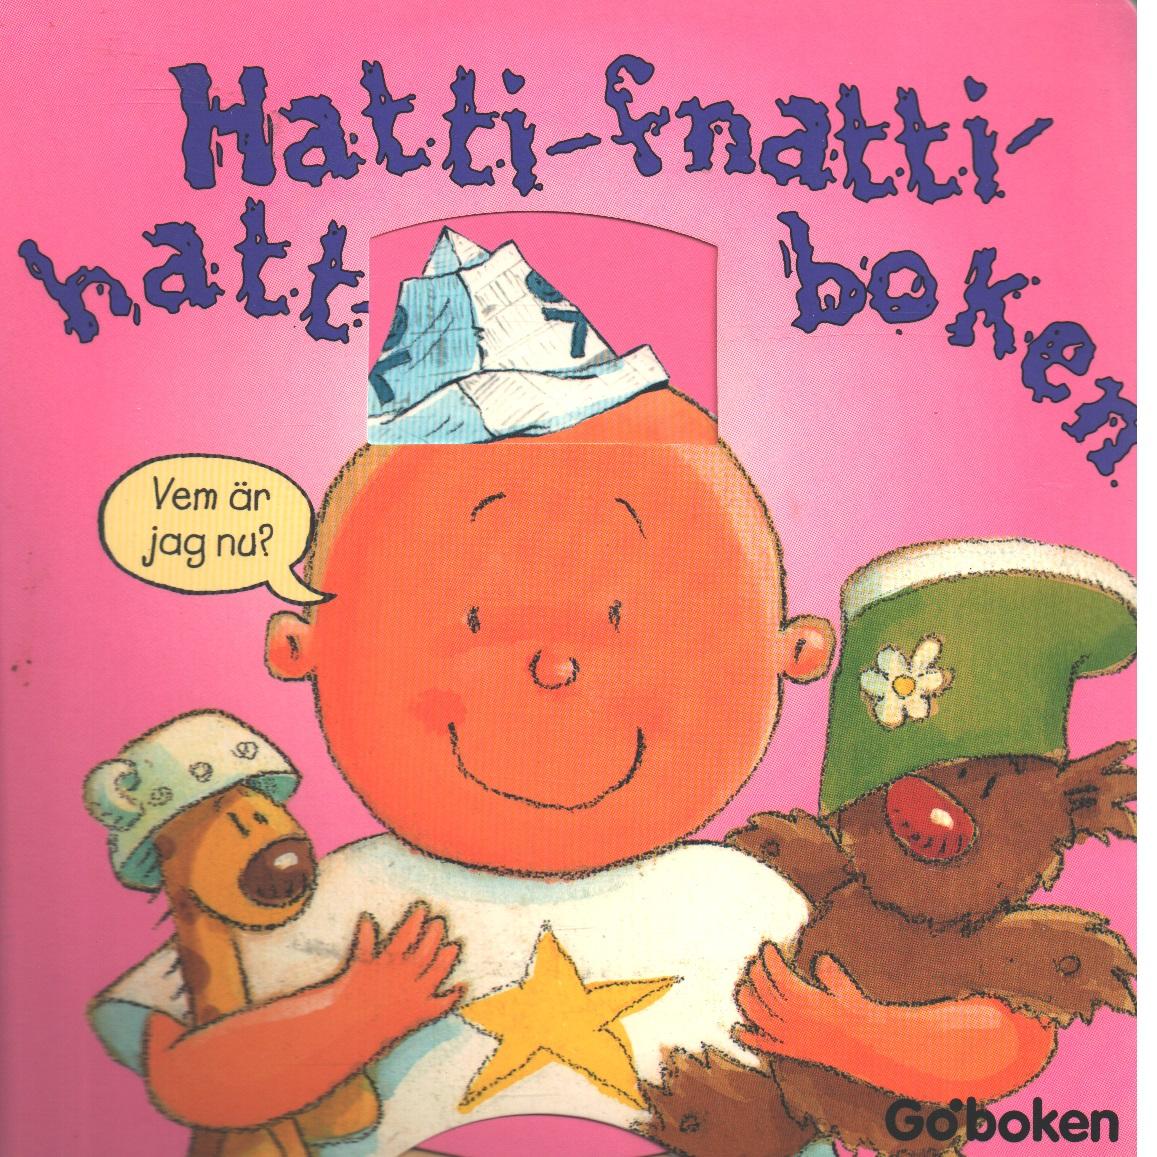 Hatt-fnatti-hatt-boken - Red.